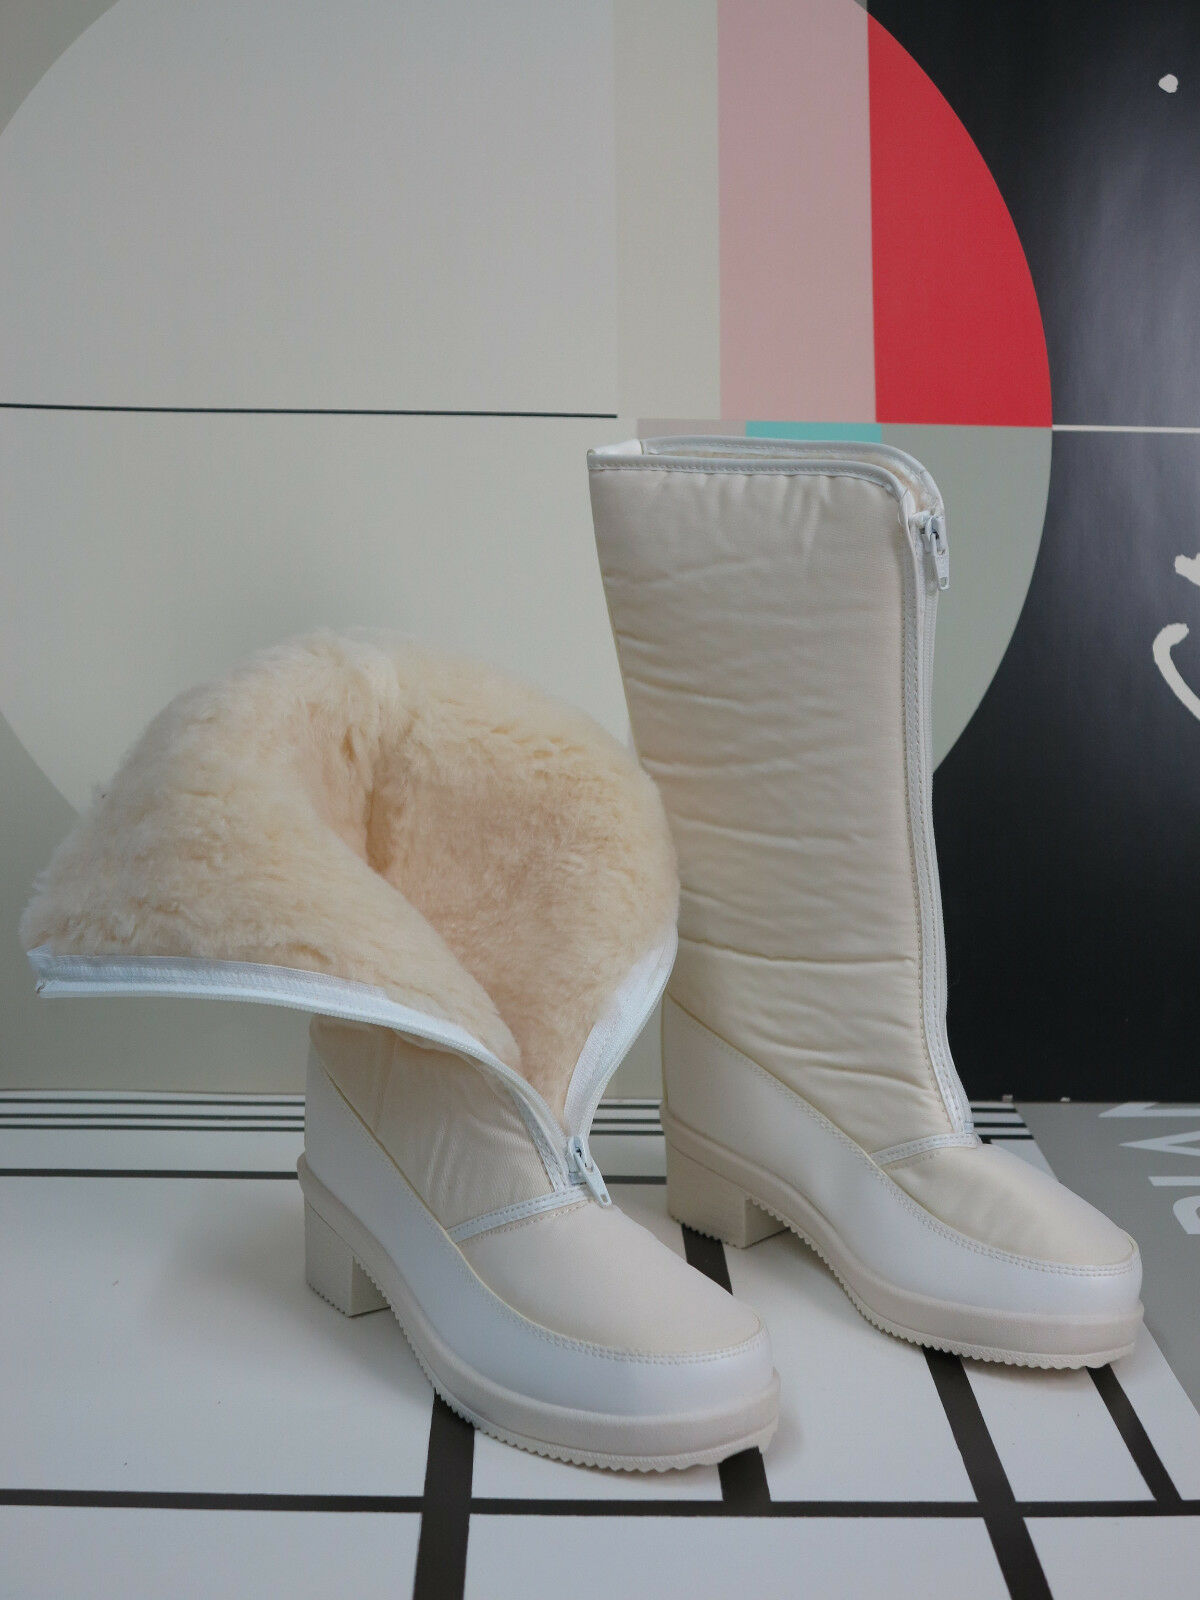 grandi risparmi Sole Sole Sole 38 da Donna Stivali Invernali Thermo 90er True Vintage 90s Winter stivali NOS OVP  buon prezzo